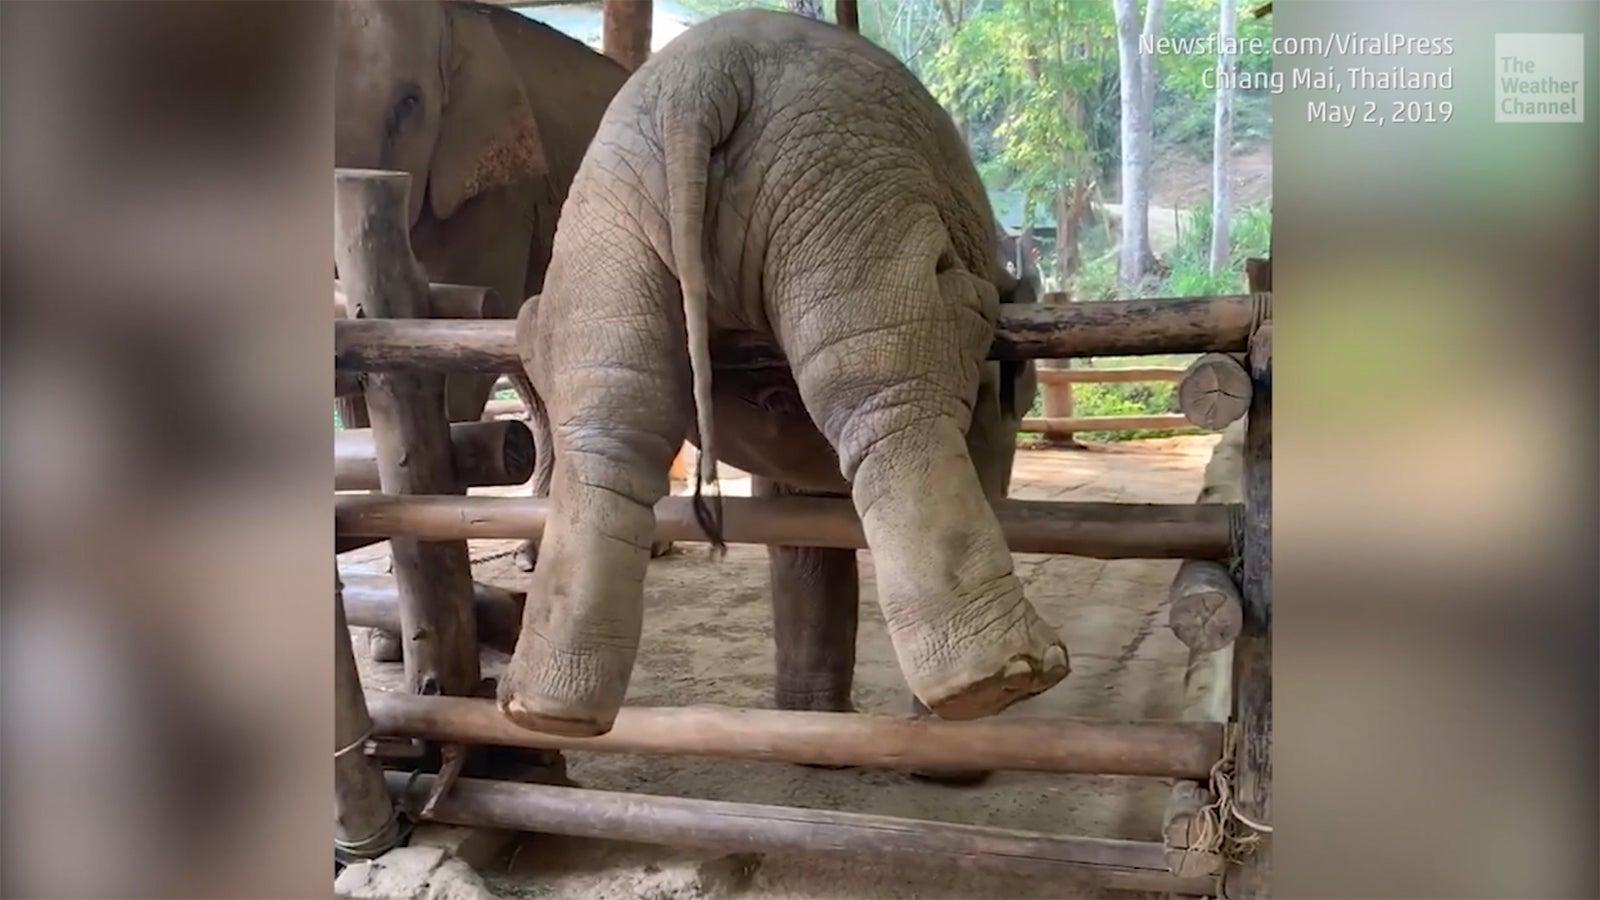 Will er nur eine Abkürzung nehmen oder übt er sich tatsächlich als Hürdenläufer? Ein Babyelefant beweist beeindruckendes Ausdauervermögen.